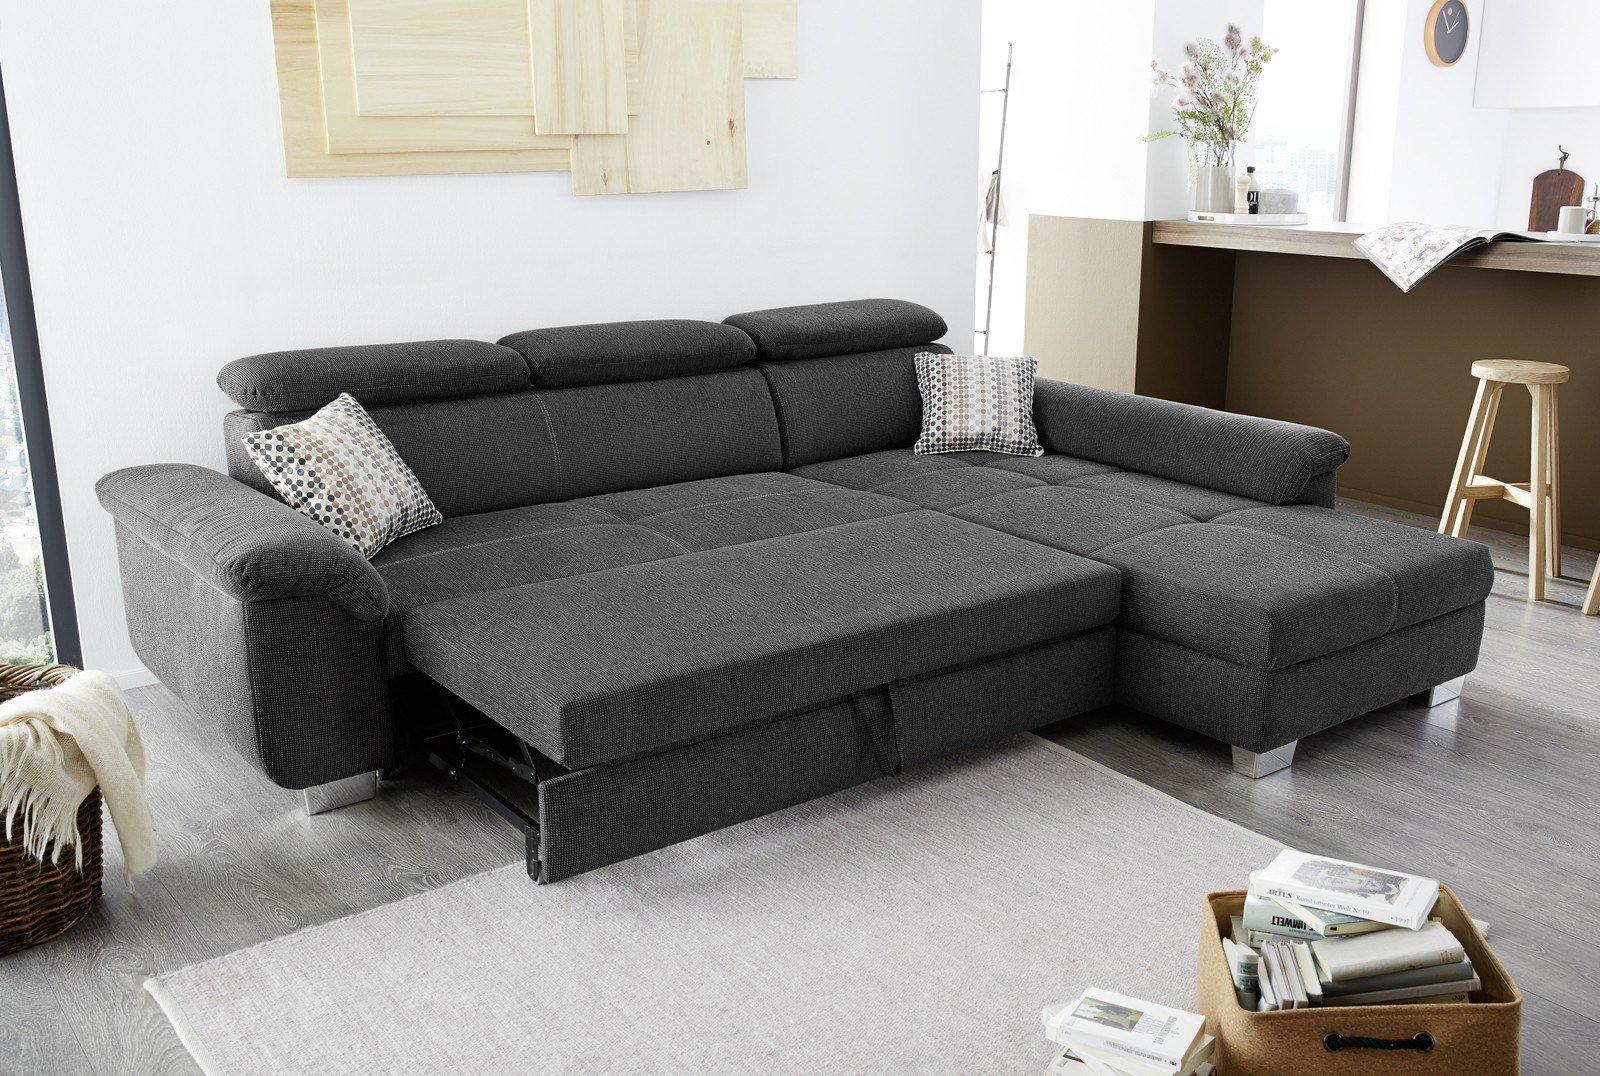 jockenh fer landshut ecksofa in anthrazit m bel letz ihr online shop. Black Bedroom Furniture Sets. Home Design Ideas